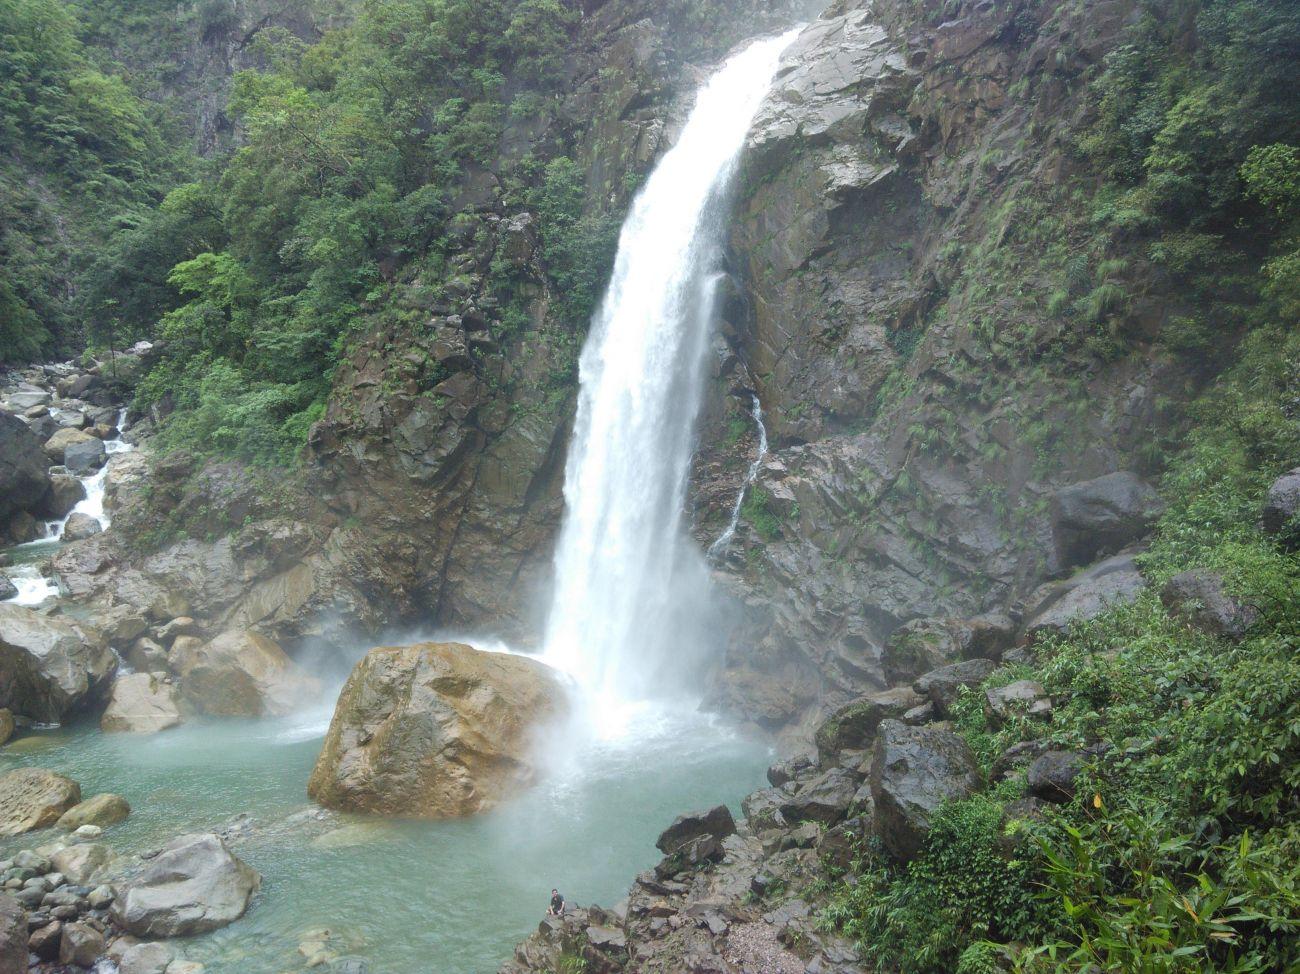 The Maswmai Falls